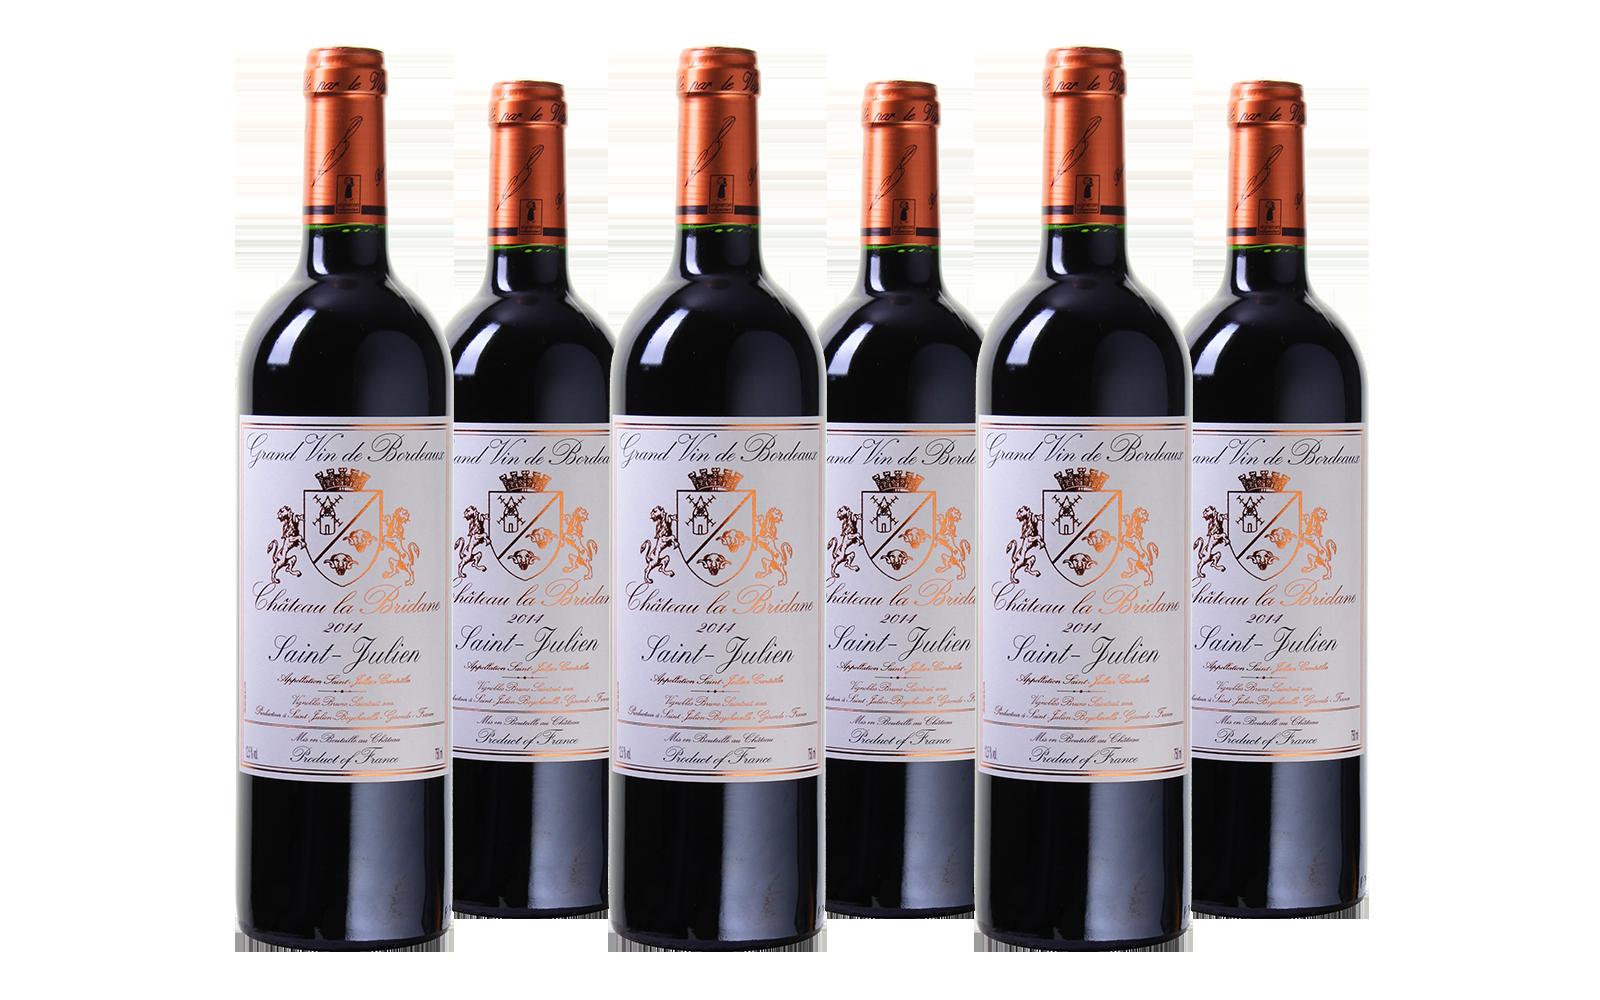 Château la Bridane Cru Bourgeois Saint-Julien wijnbeurs.nl